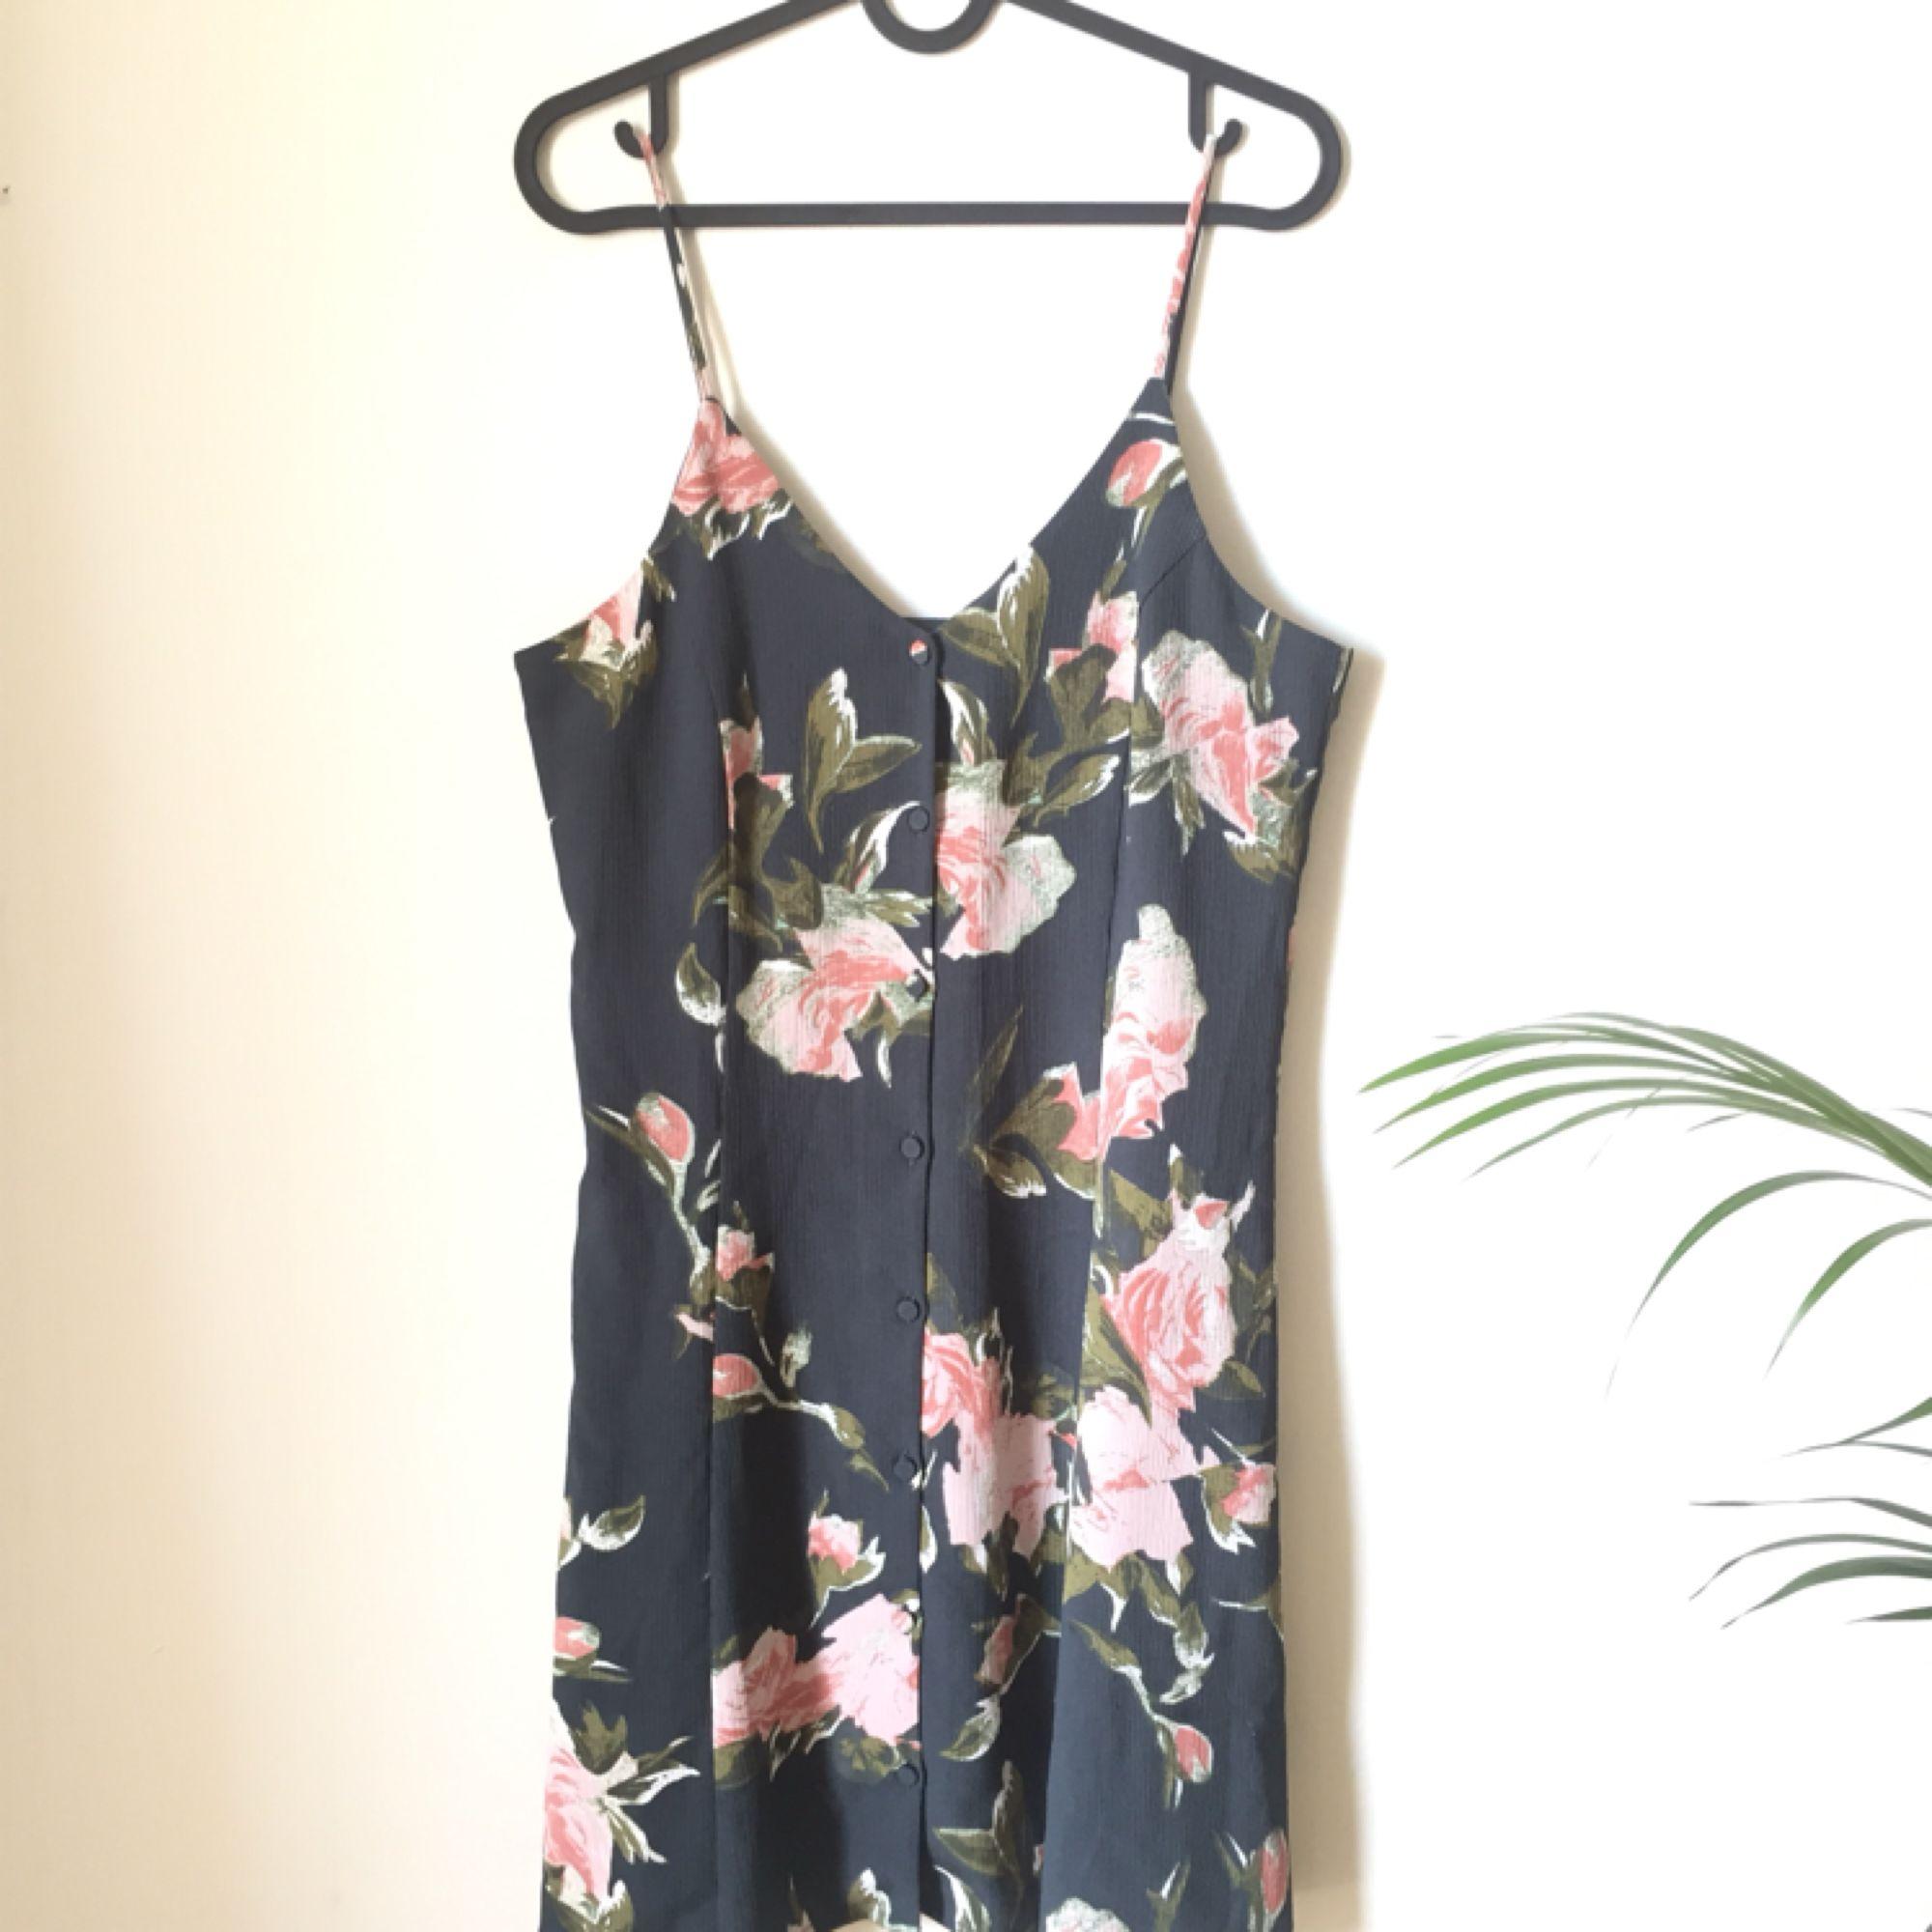 fcc18c6f8c30 Säljer en Jättefin klänning från weekday som är lite stor för mig.